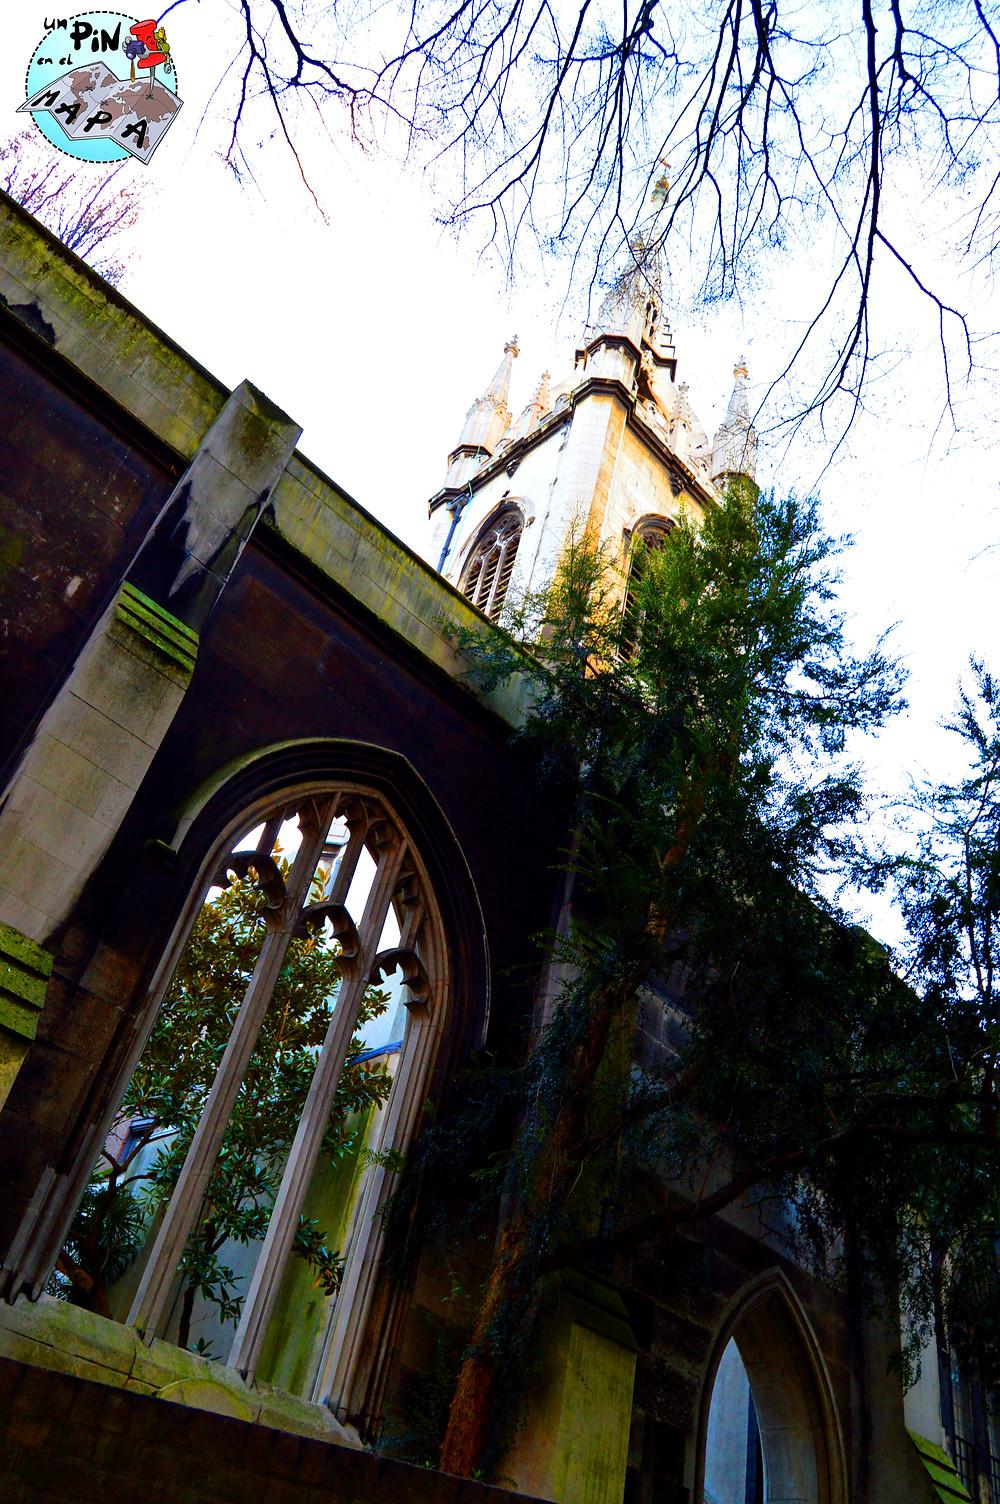 St Dunstan in the East | Un Pin en el Mapa